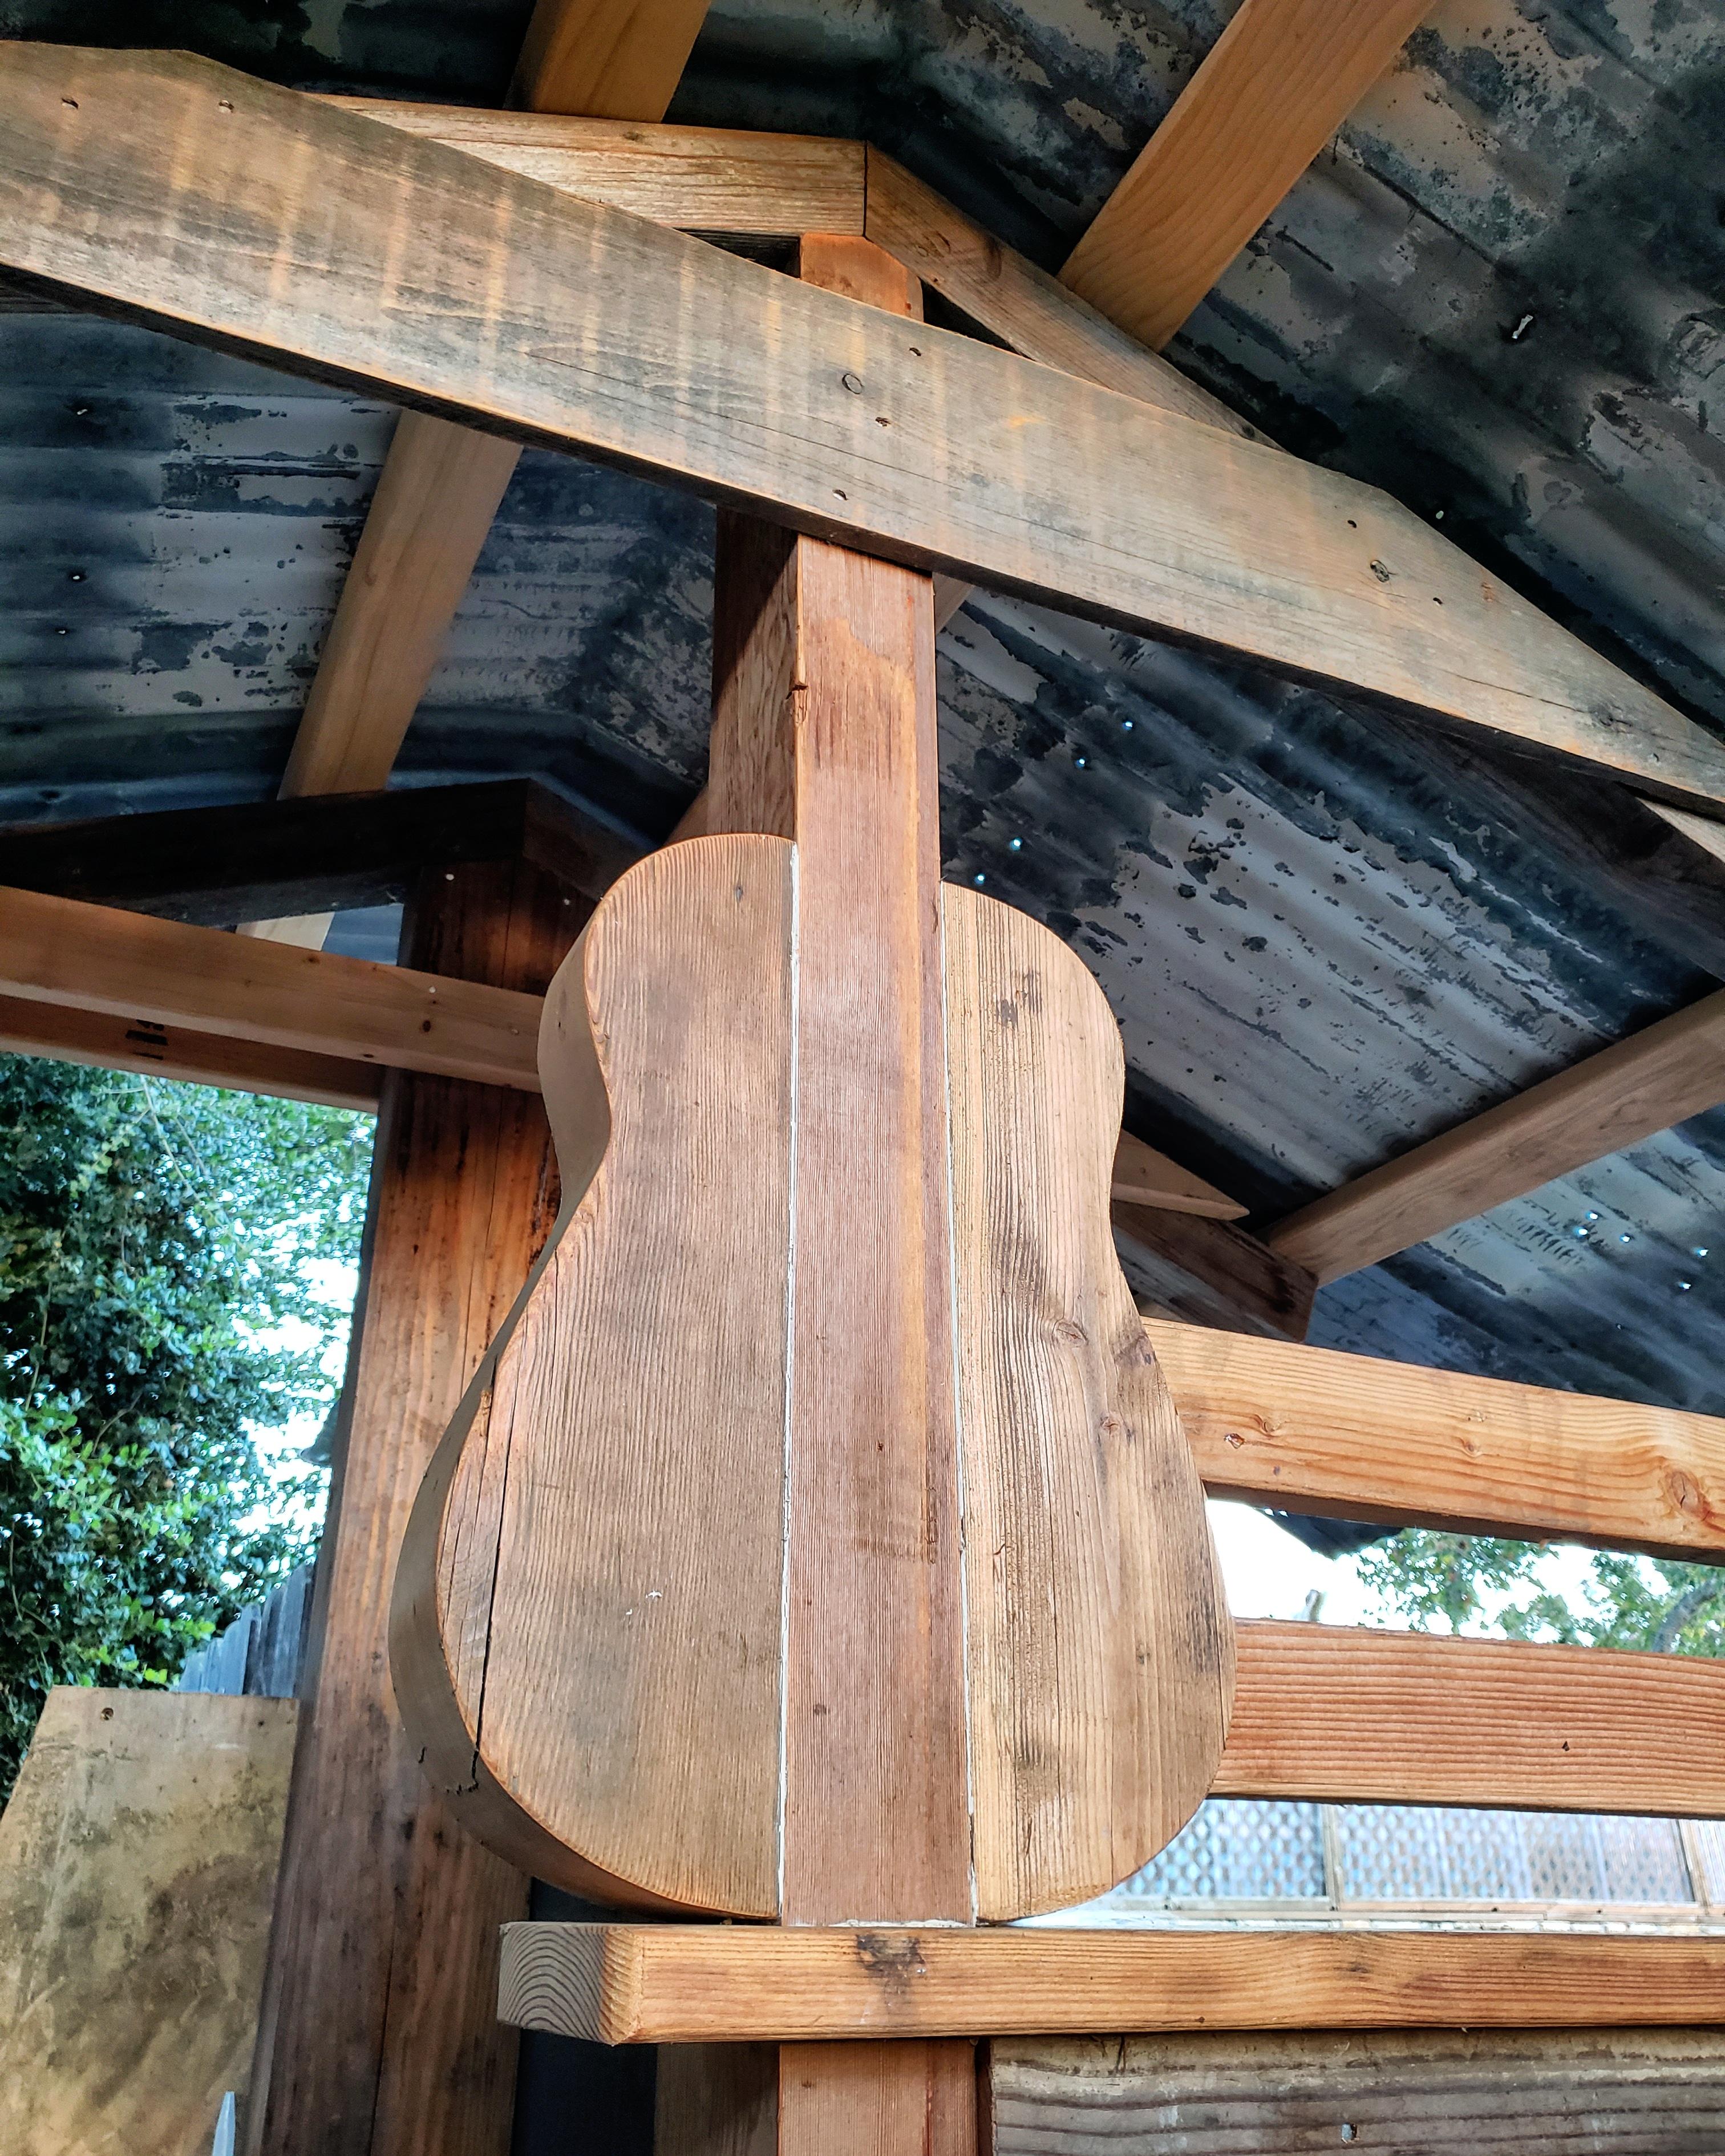 Los-alamos-hipcamp-guitar